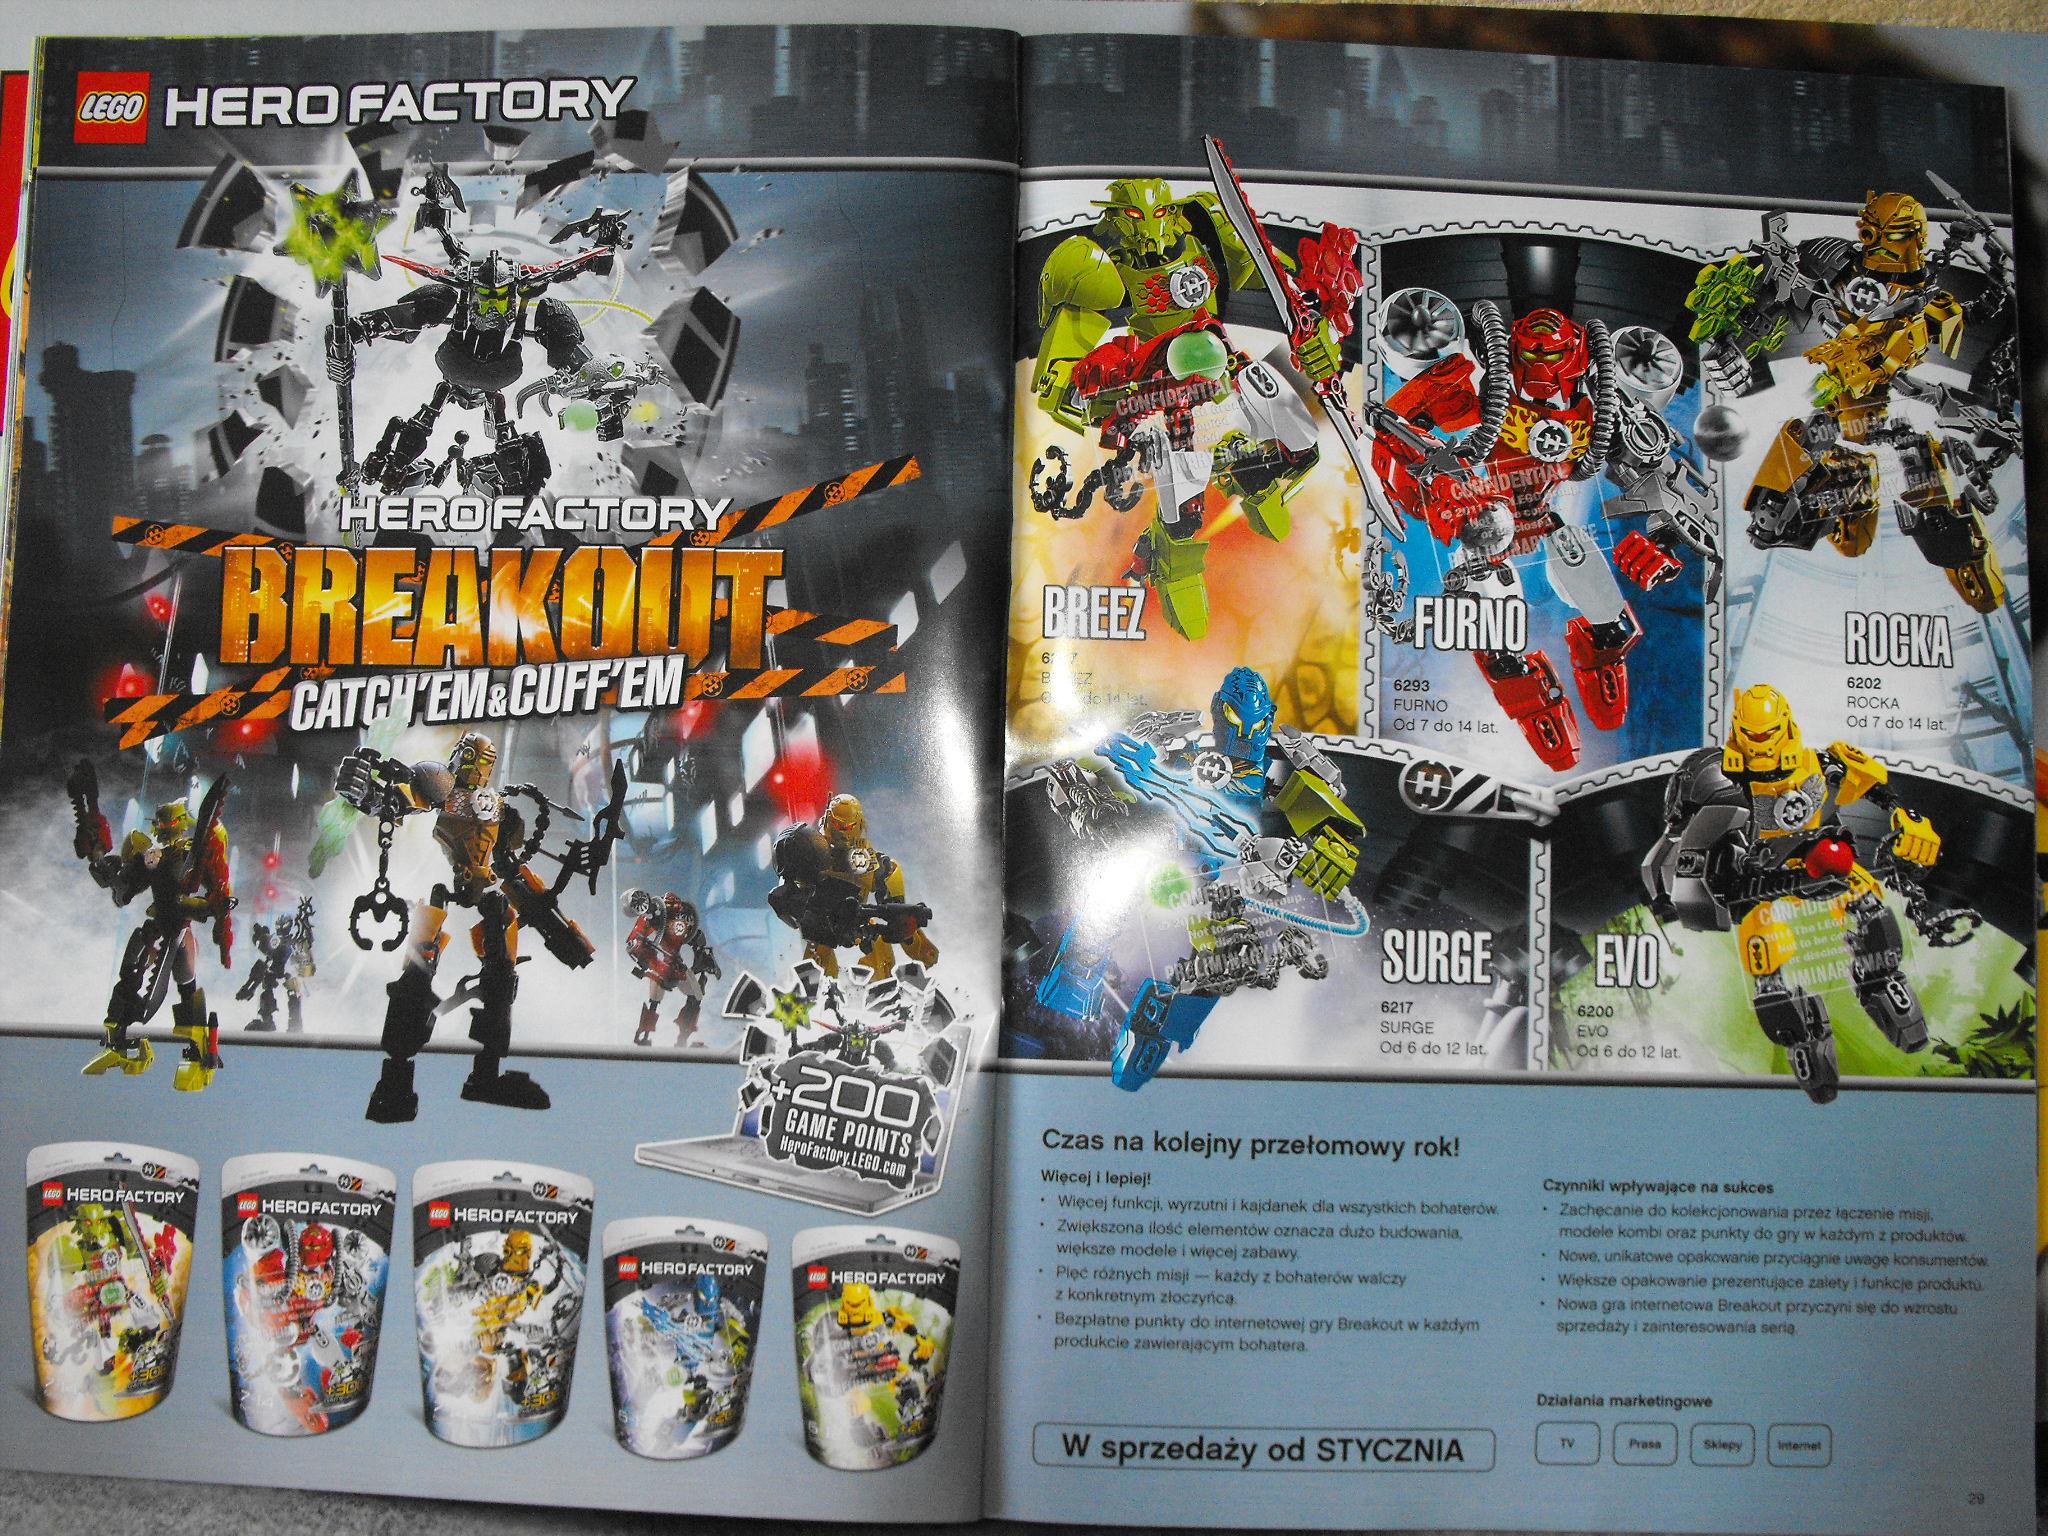 [Figurines] Les Hero Factory 2012 se dévoilent : Images préliminaires - Page 6 Lego_itp_080-2cd2854